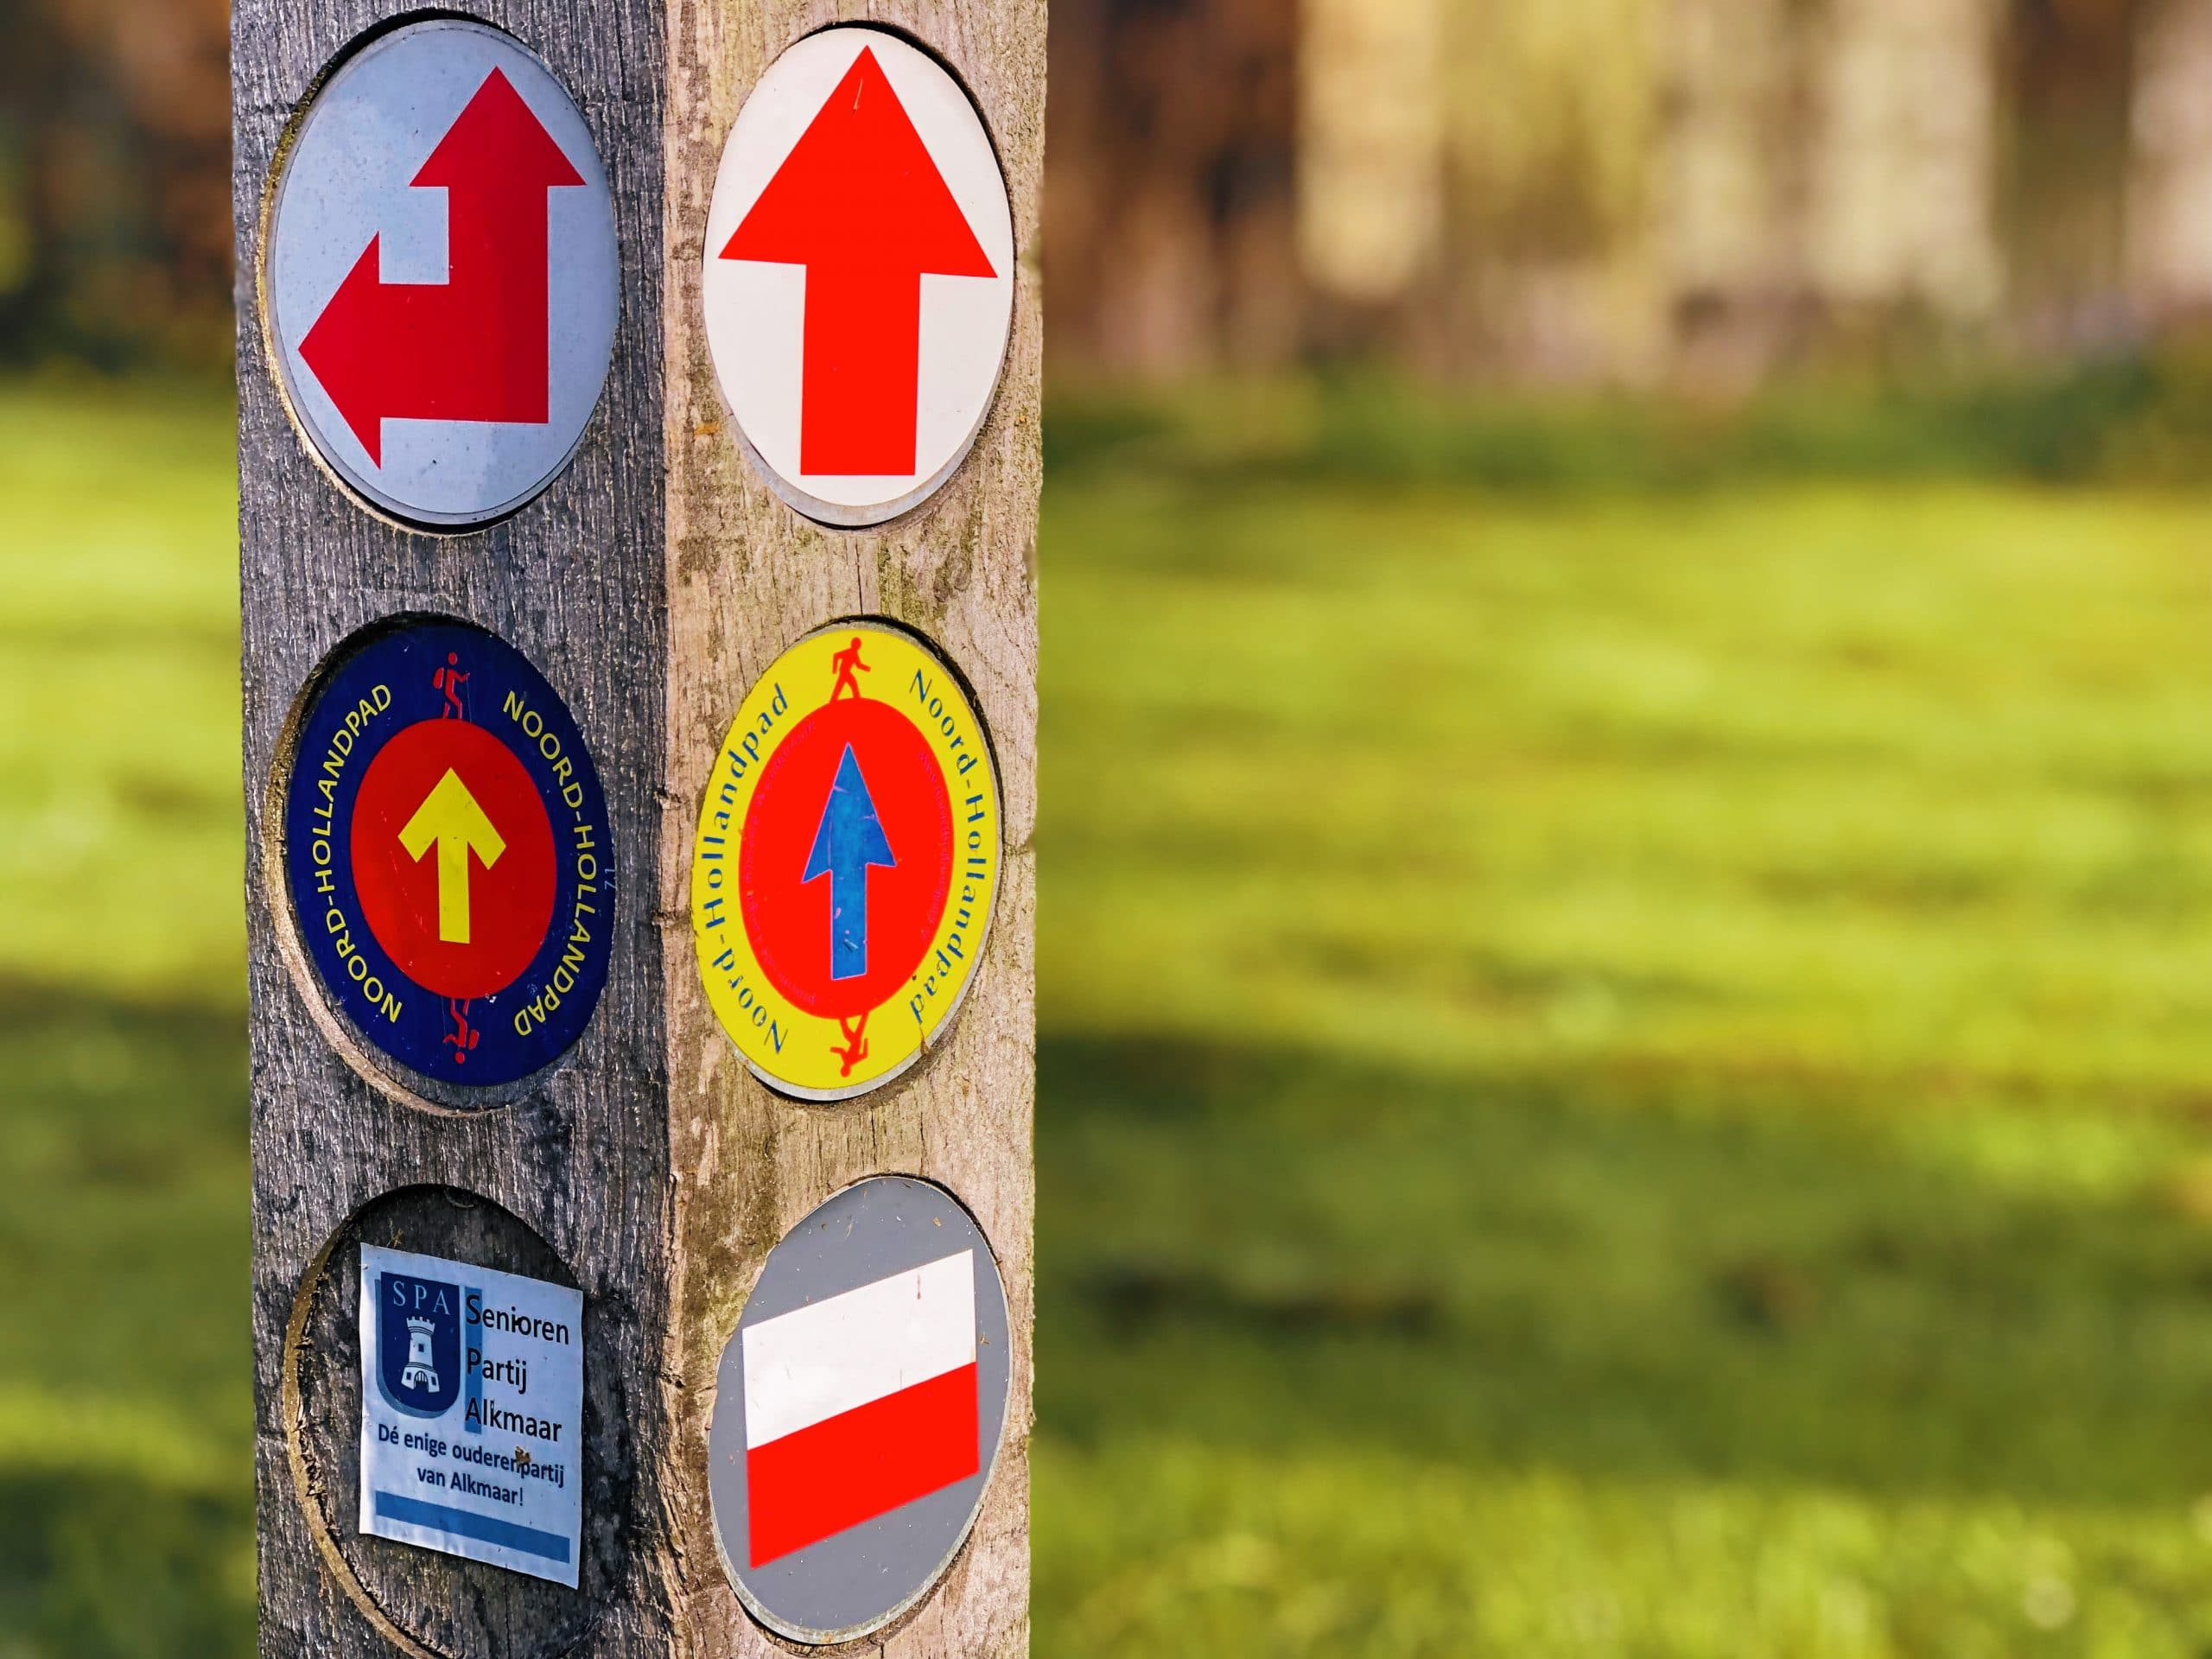 Doen en zien in Laag Holland - Noord Holland wandelpad